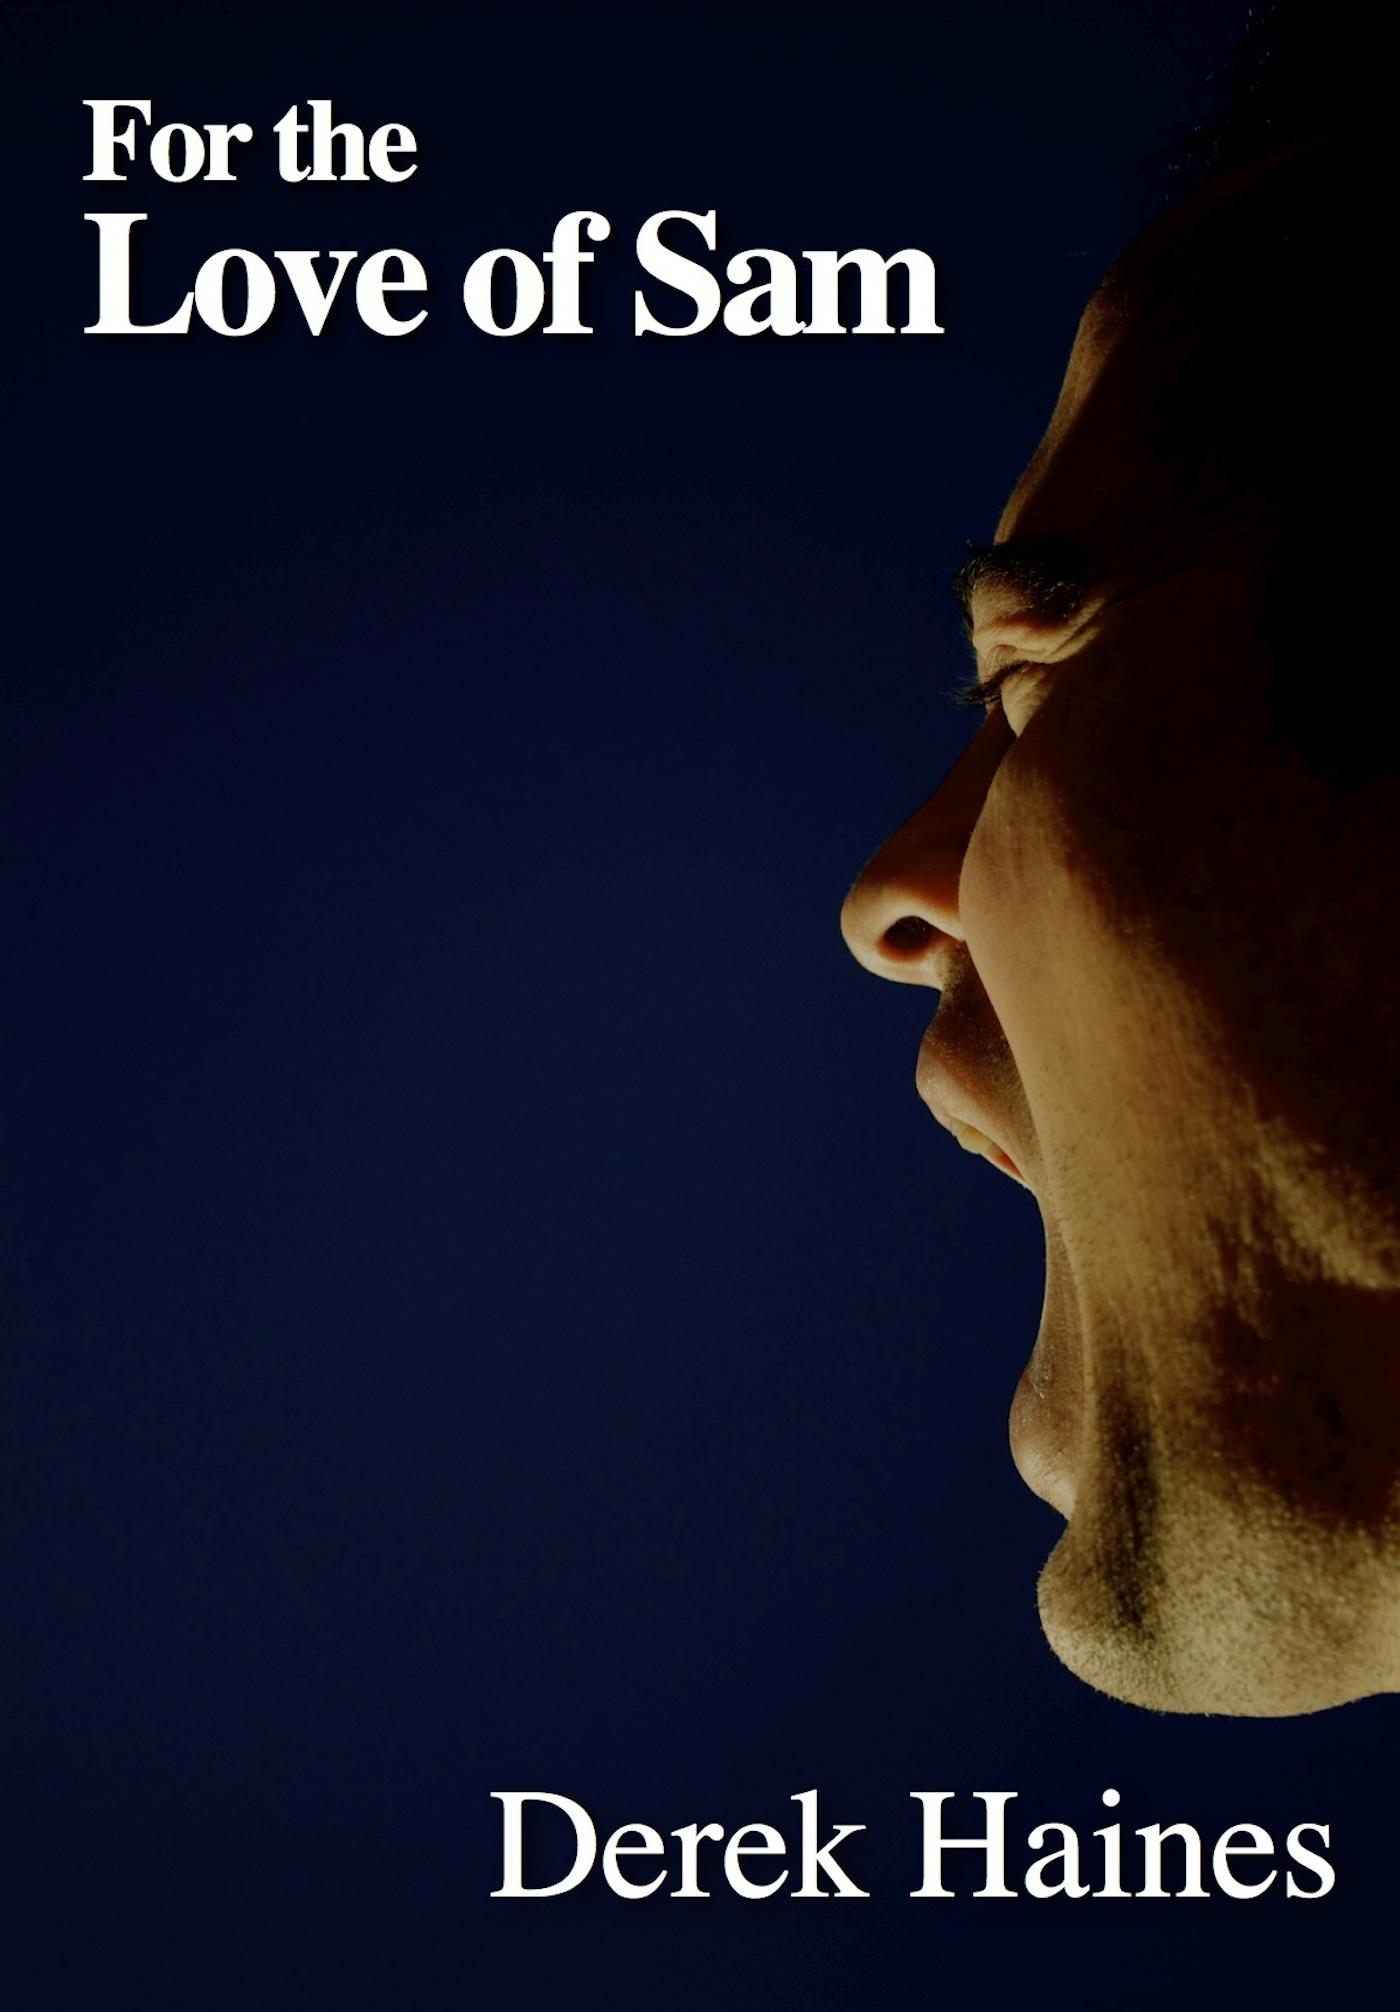 Derek Haines - For The Love Of Sam